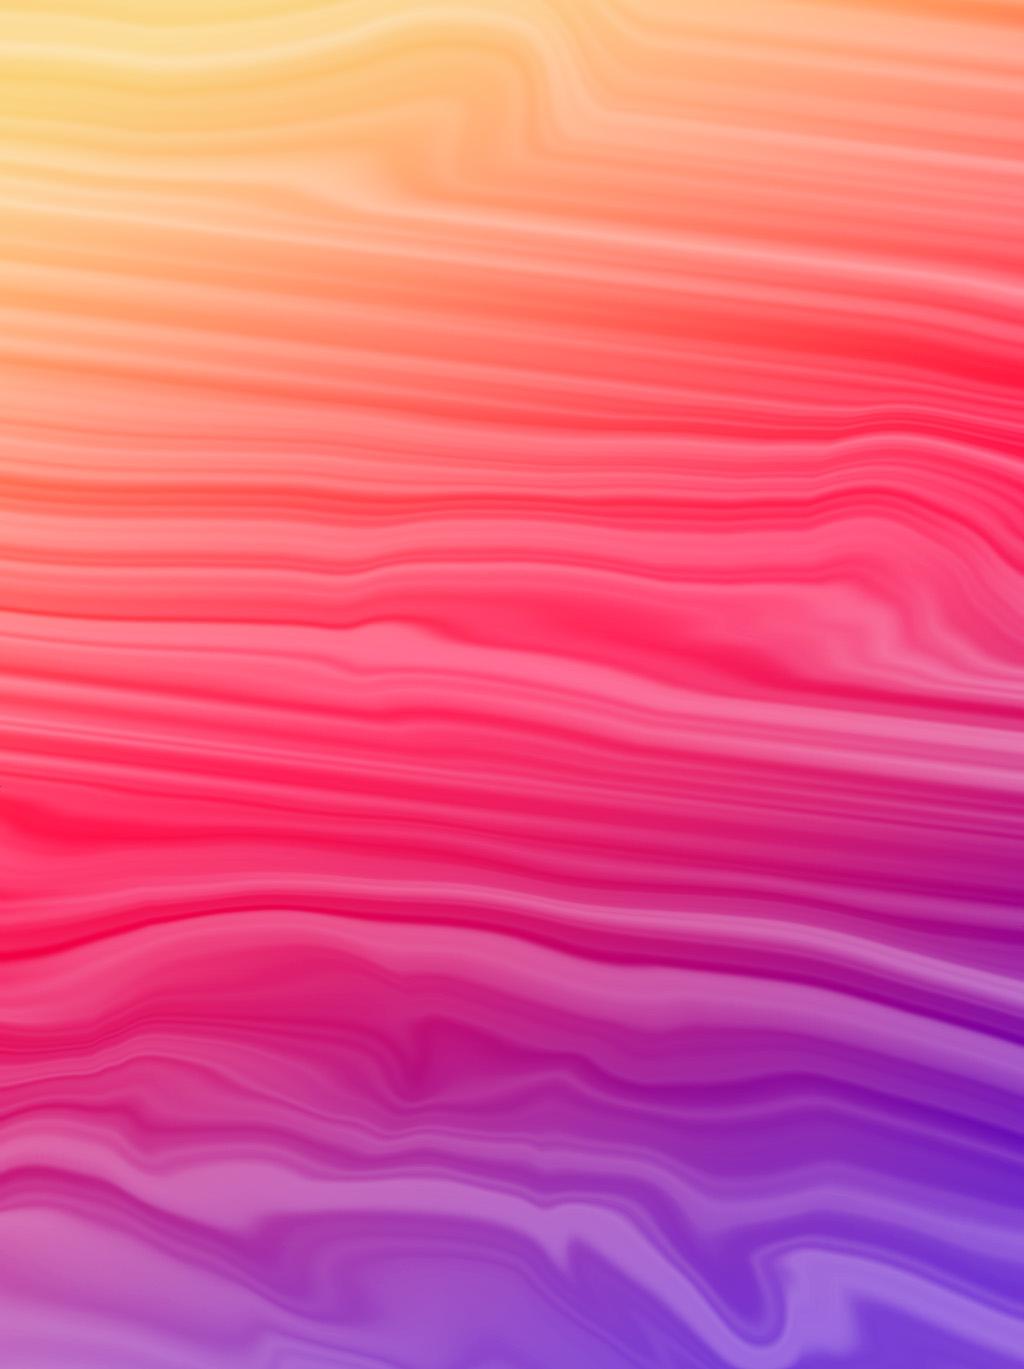 fond d u00e9grad u00e9 texture jaune violet texture lin u00e9aire d u00e9grad u00e9